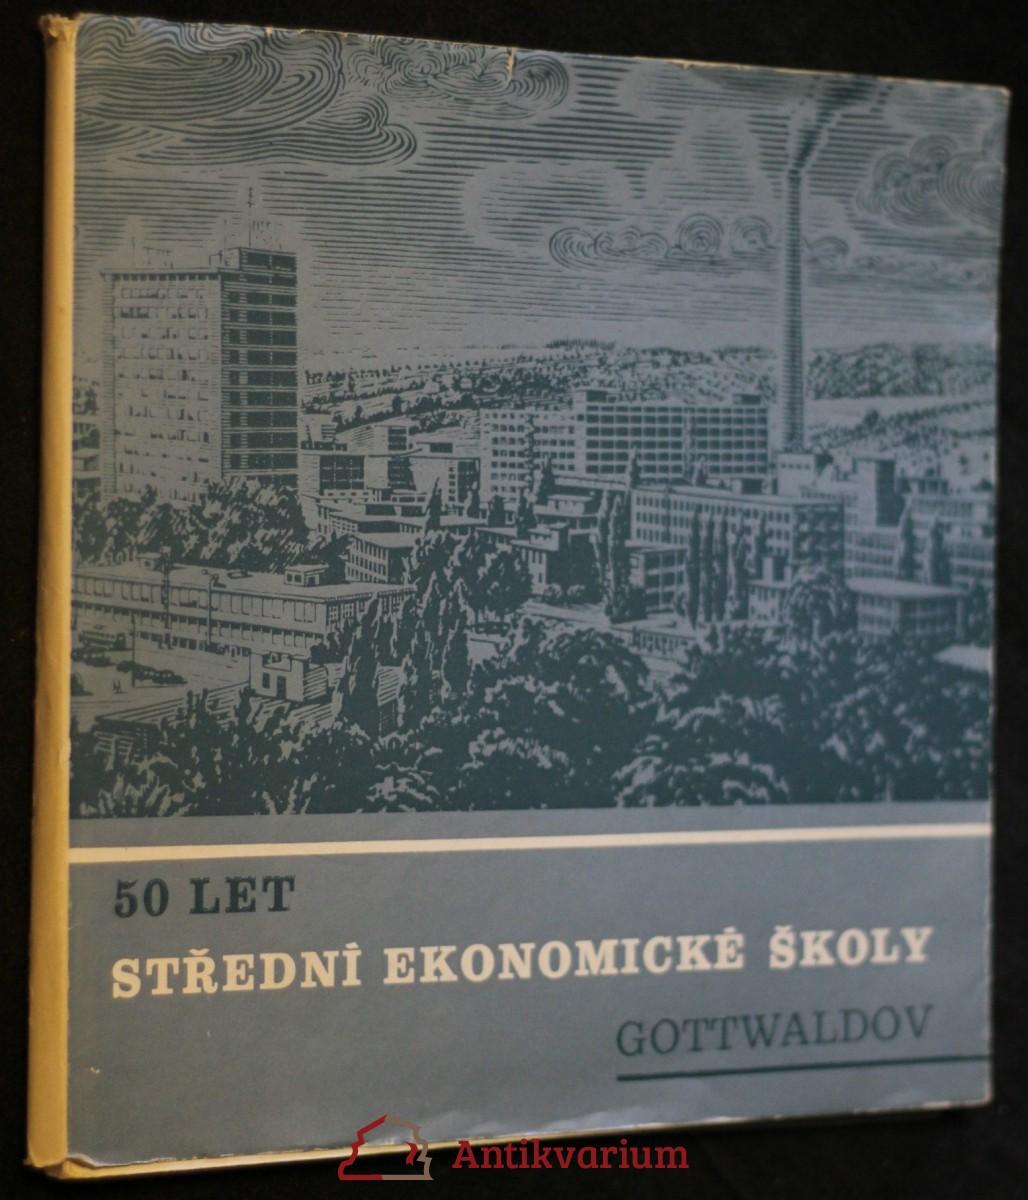 antikvární kniha 50 let střední ekonomické školy Gottwaldov, 1988